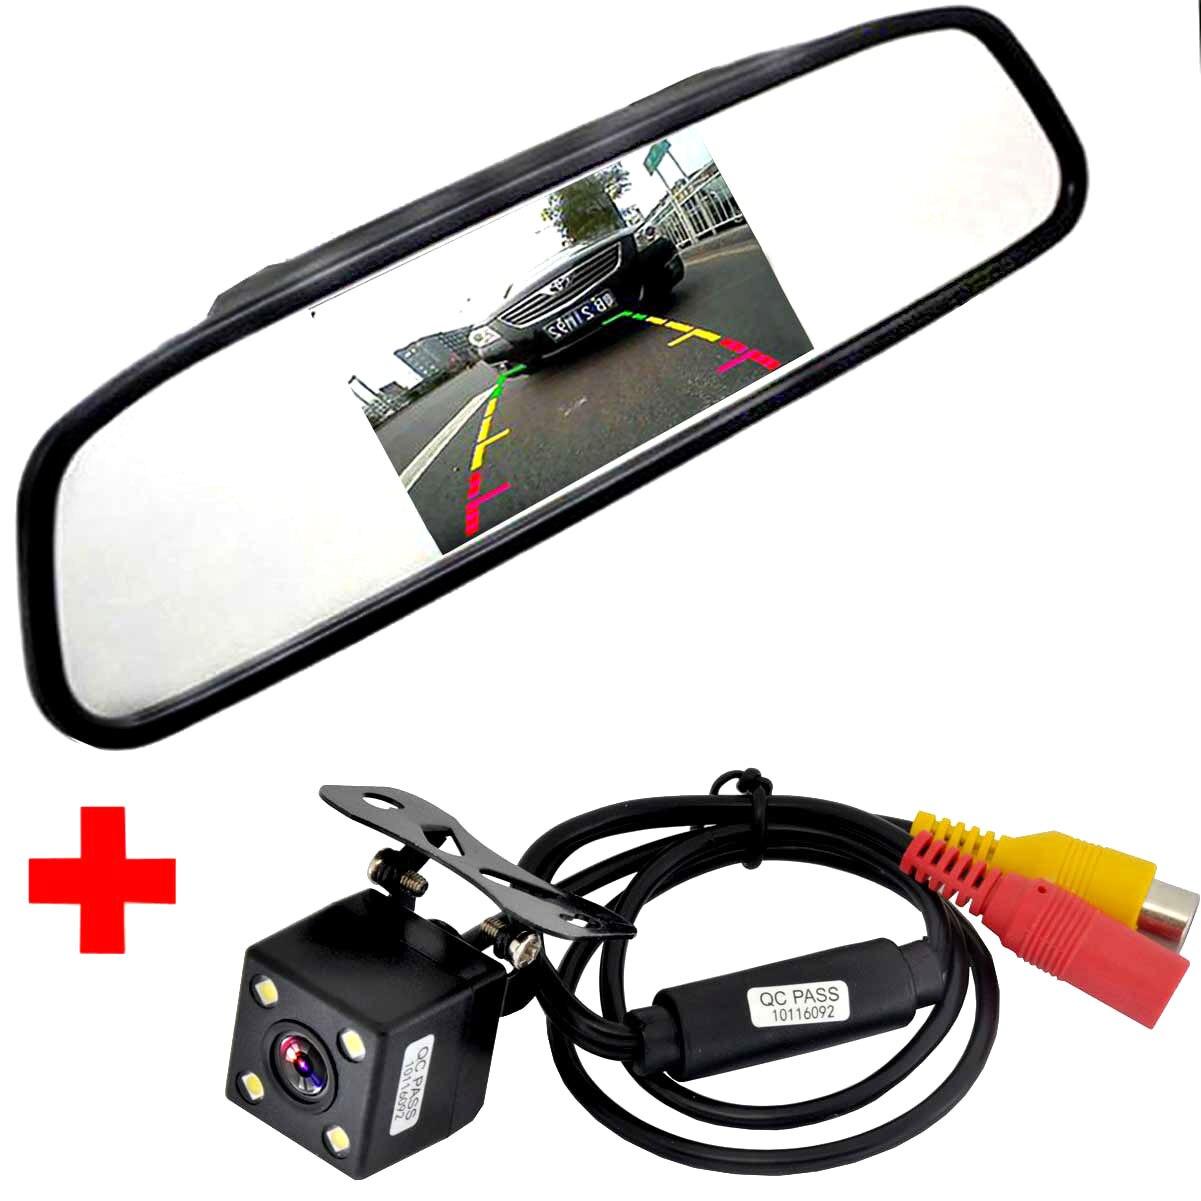 Moniteur automatique visuel de stationnement de la voiture HD, Vision nocturne de LED renversant la caméra de vue arrière de voiture de CCD avec le moniteur de rétroviseur de voiture de 4.3 pouces